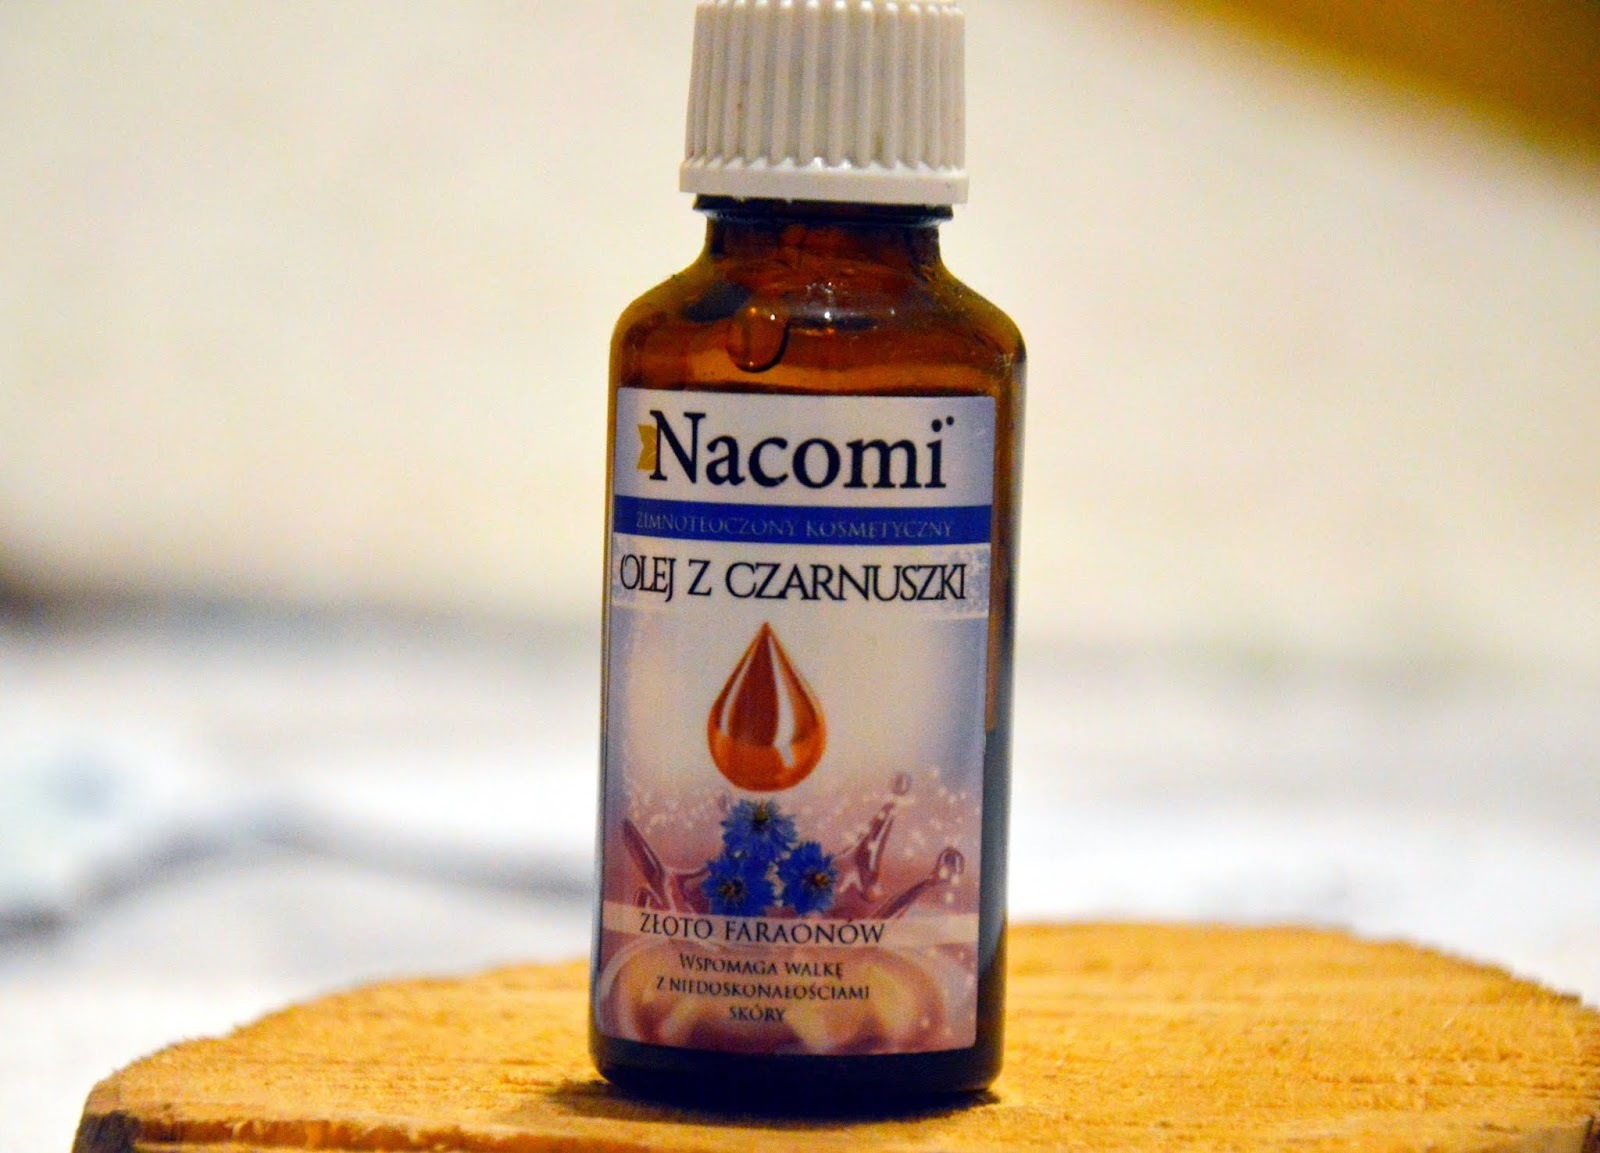 olej z czarnuszki zastosowanie